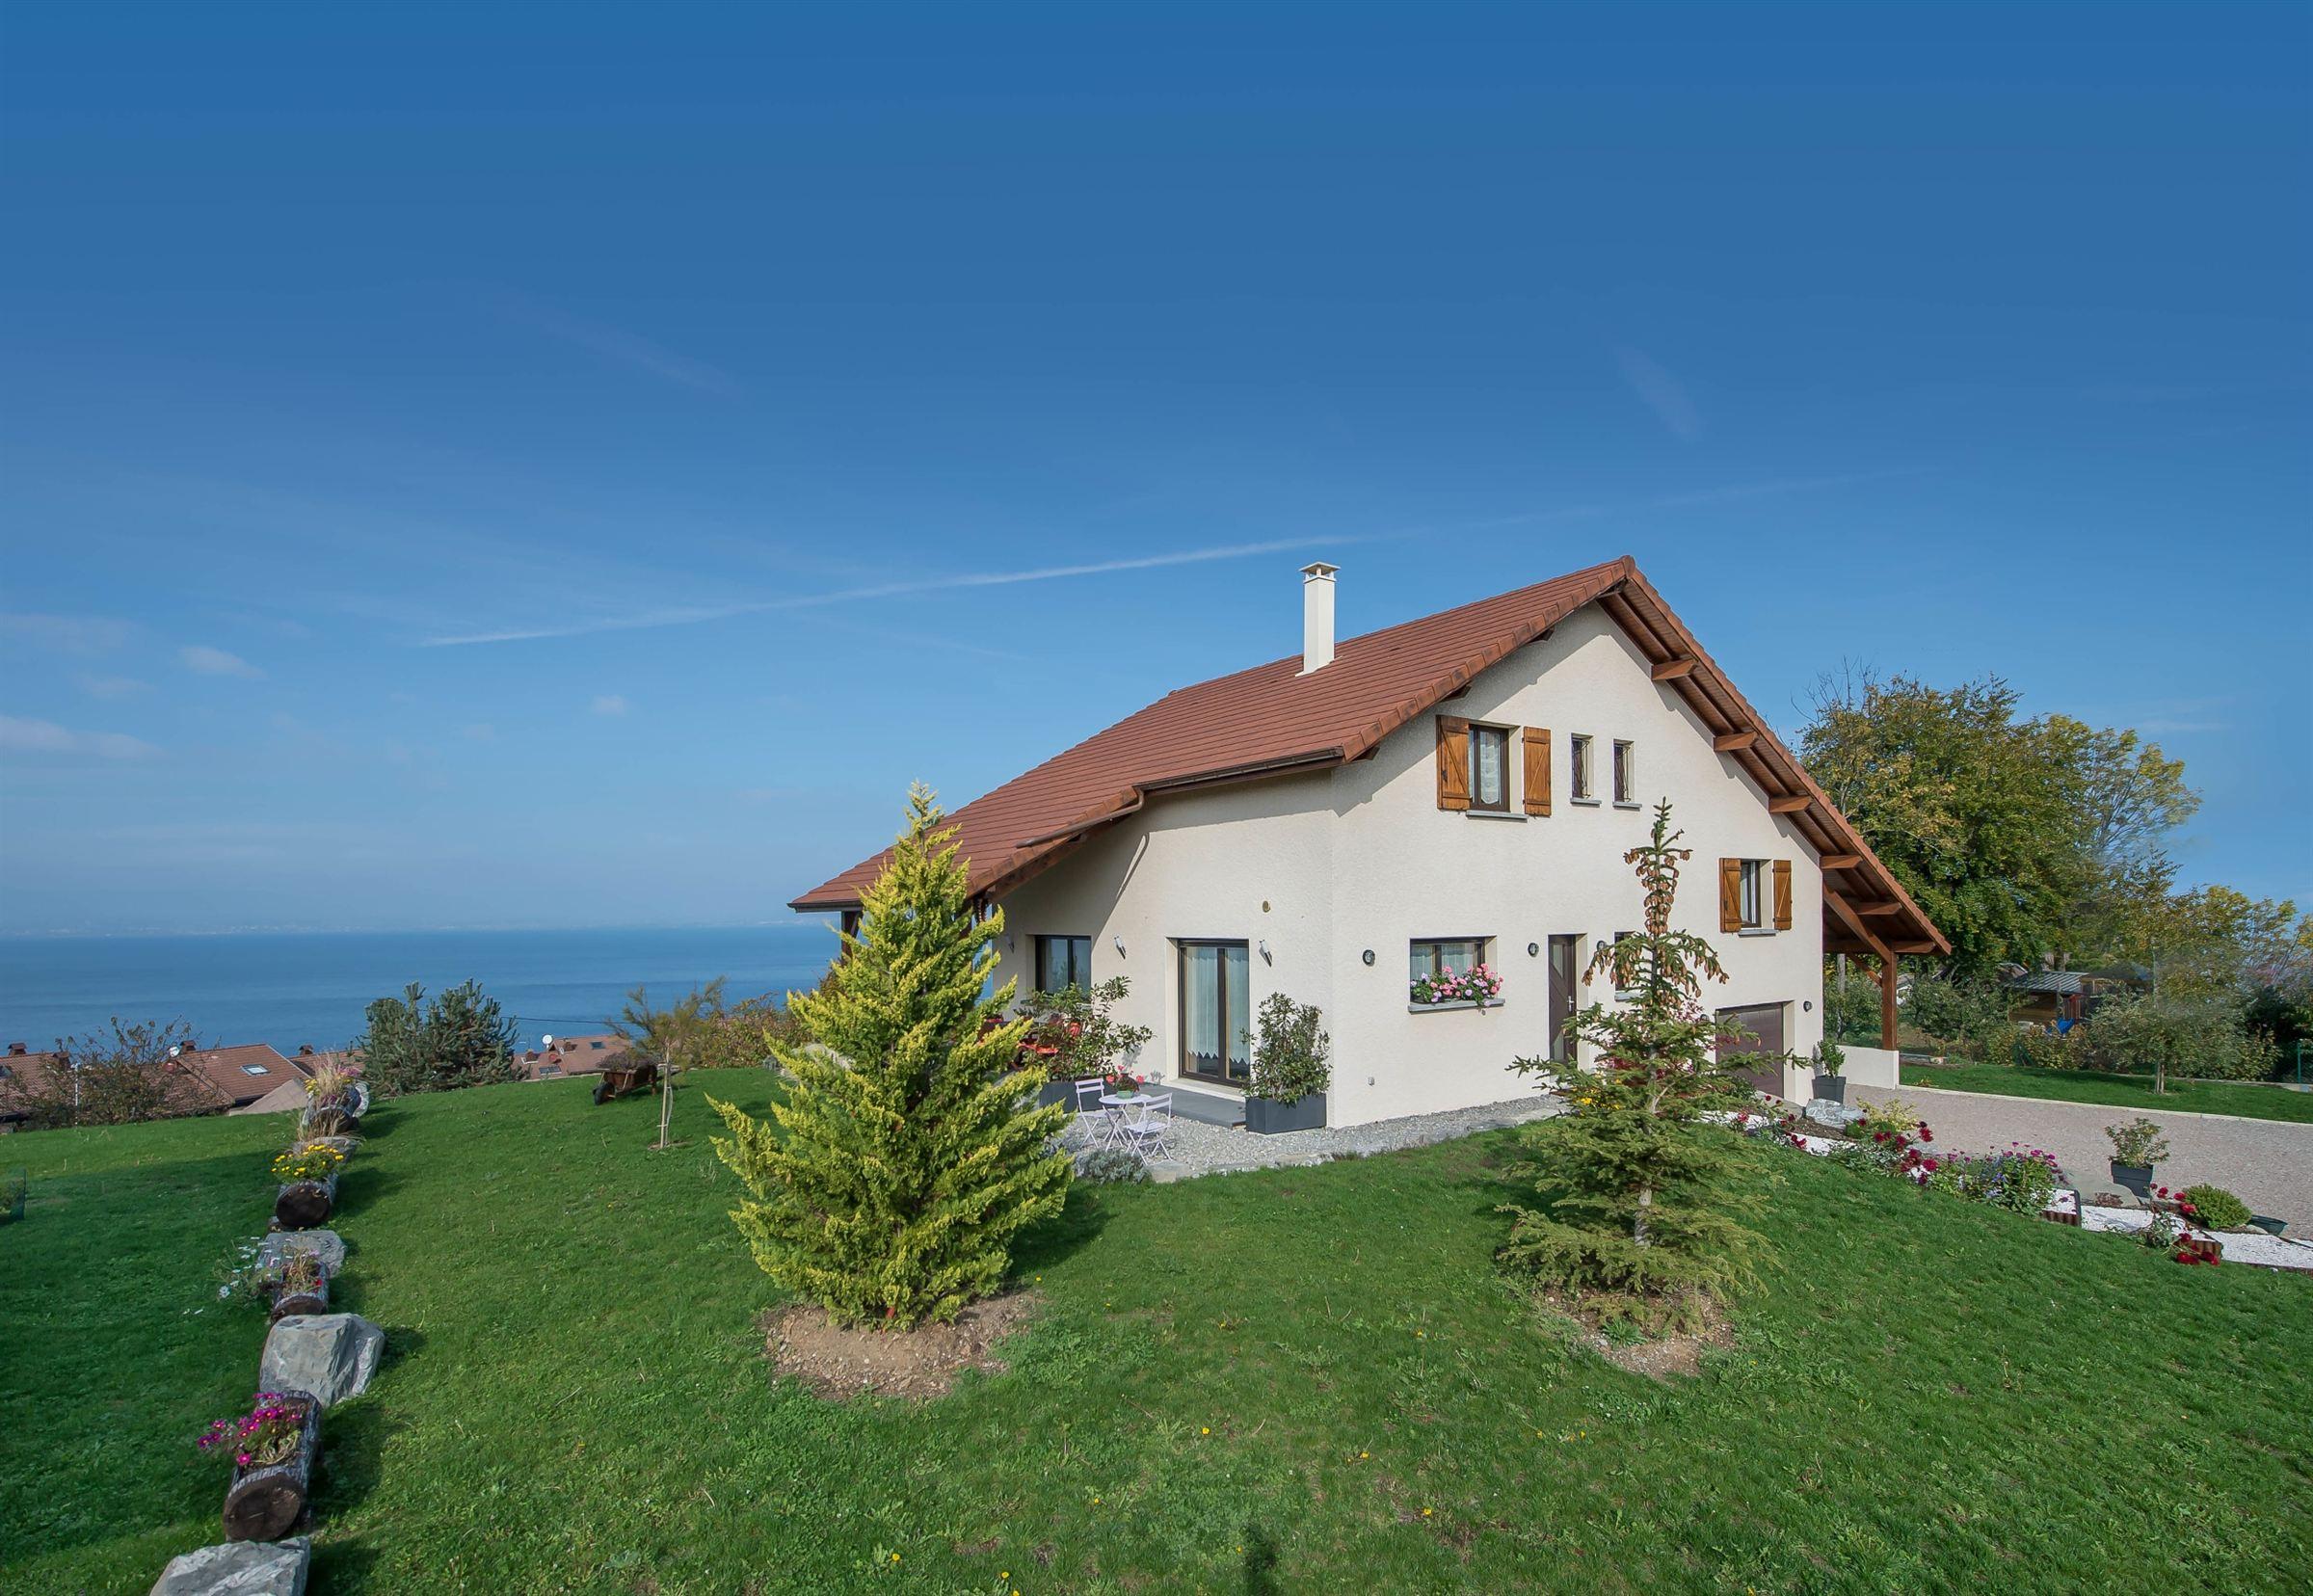 Single Family Home for Sale at VILLA NEUVE VUE PANORAMIQUE Publier, Rhone-Alpes 74500 France